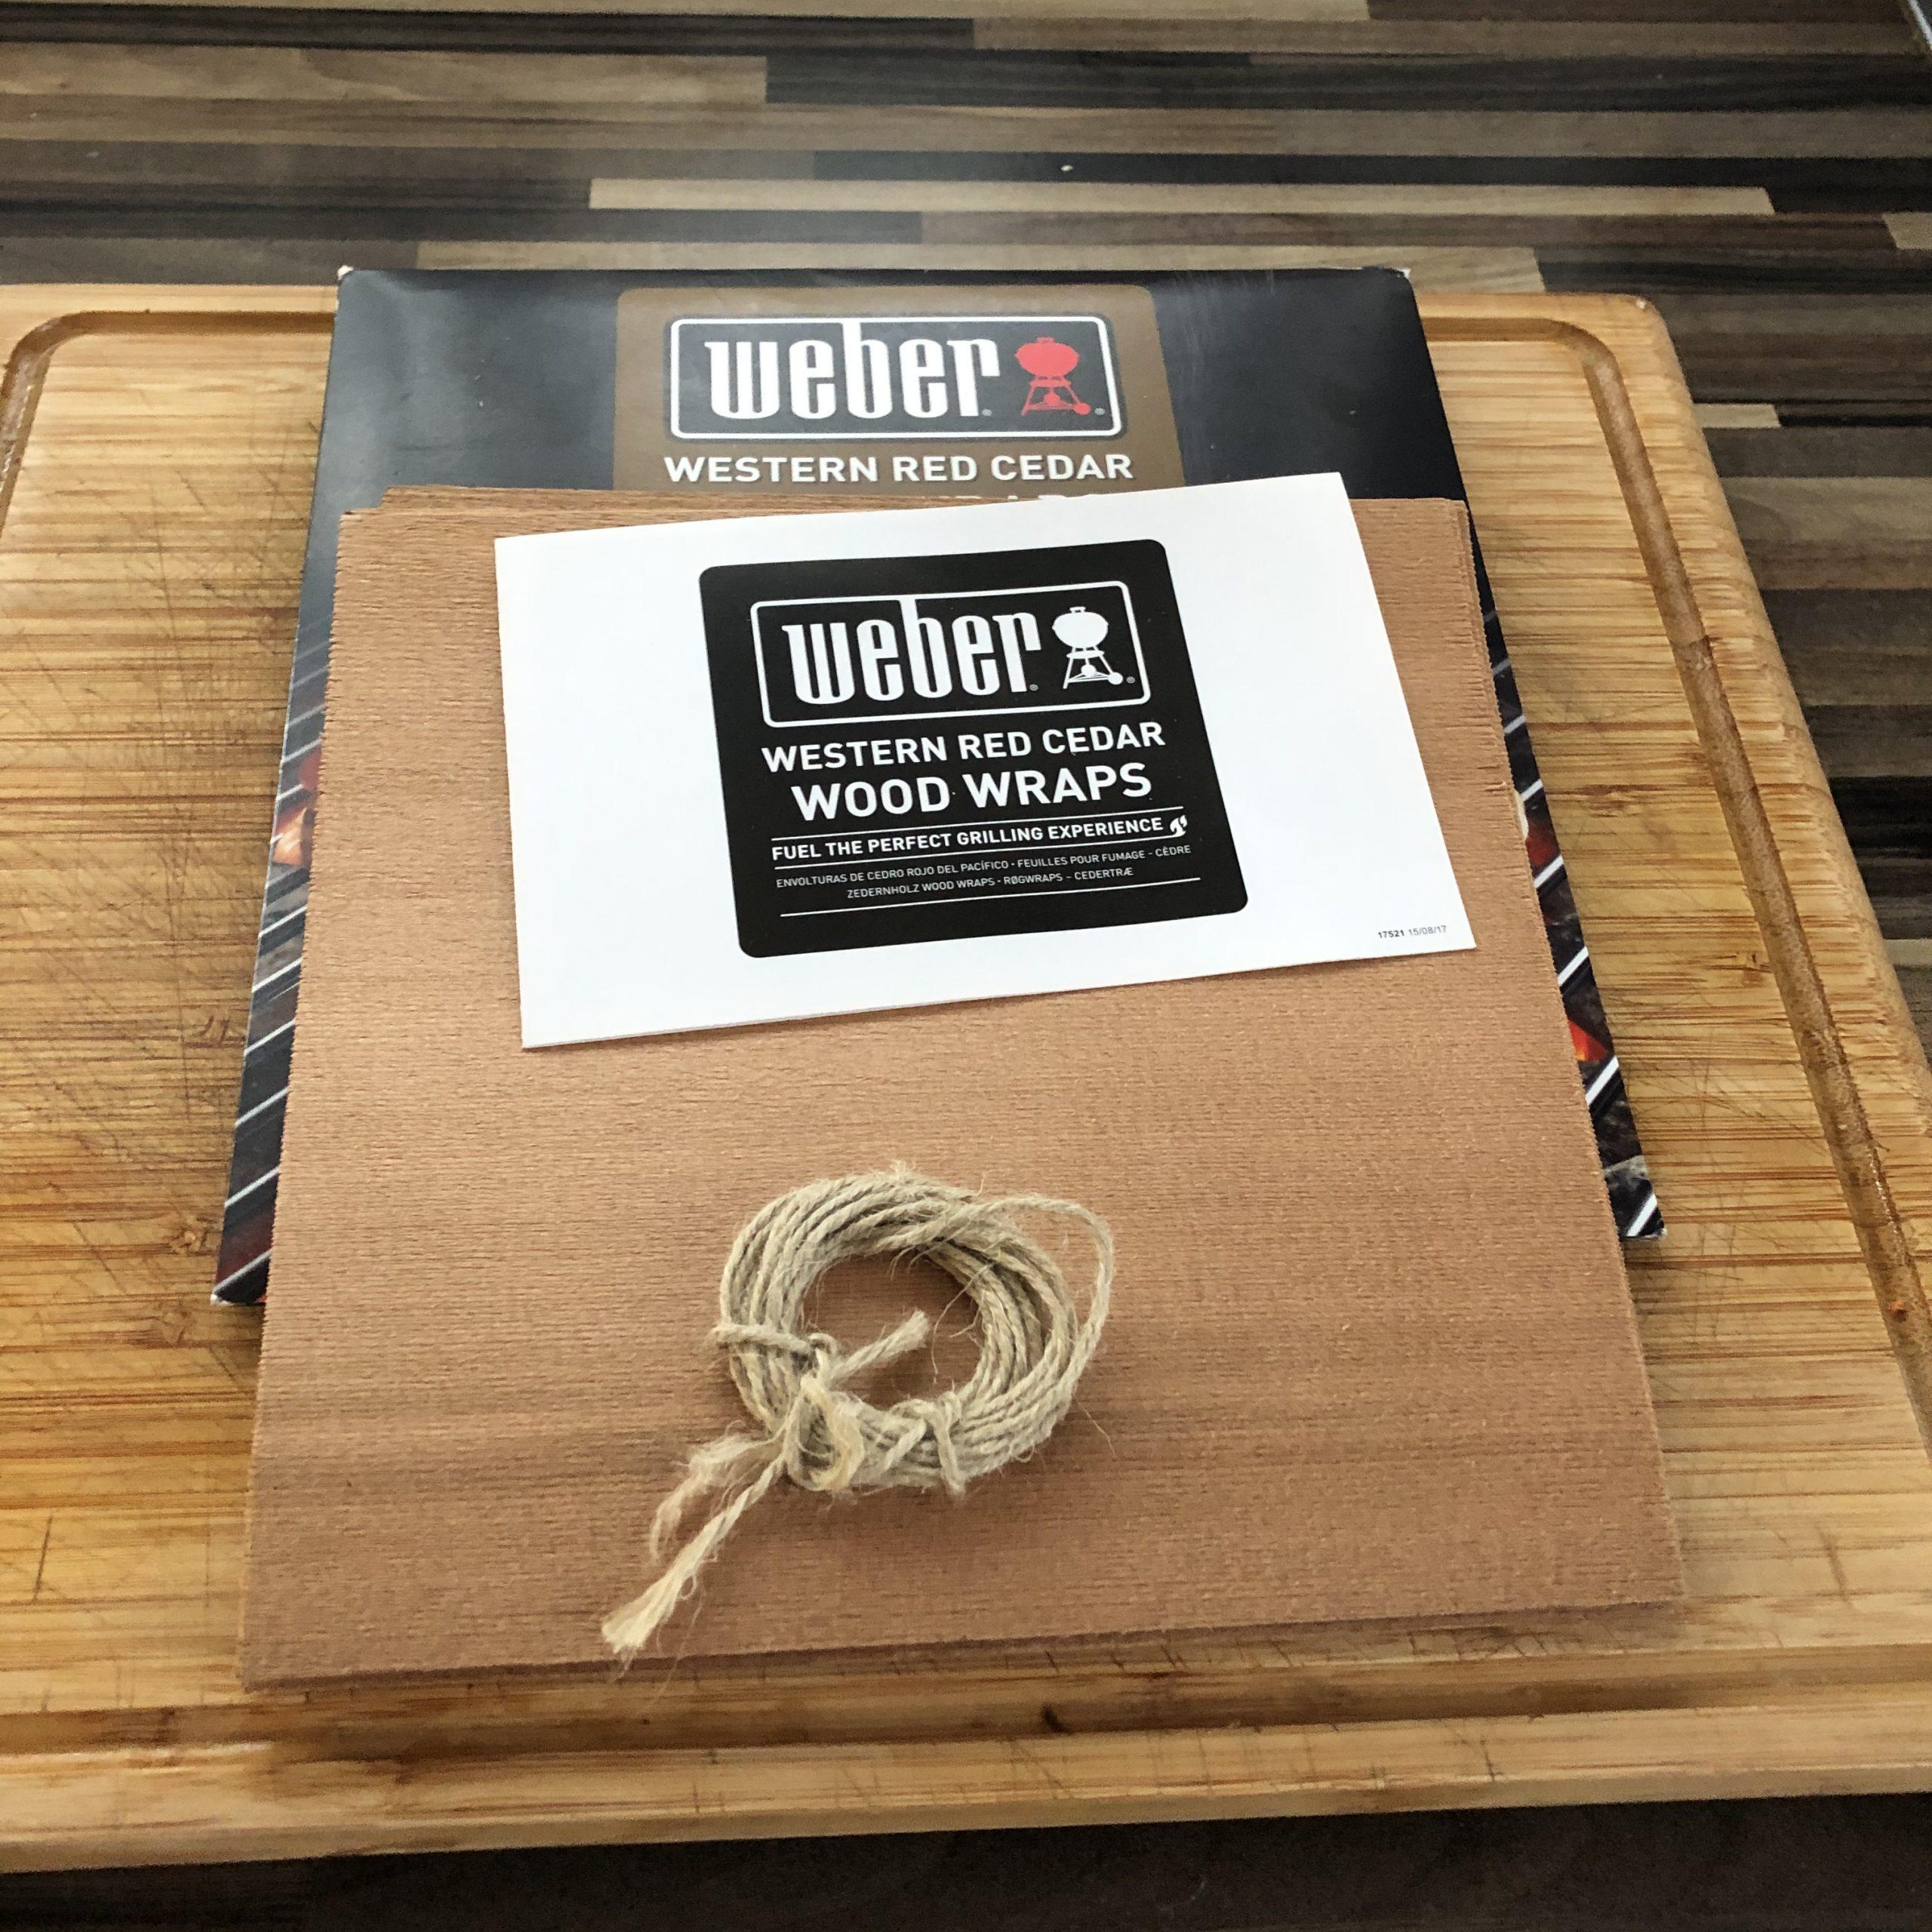 Weber Western Red Cedar Wood Wraps ausgepackt.